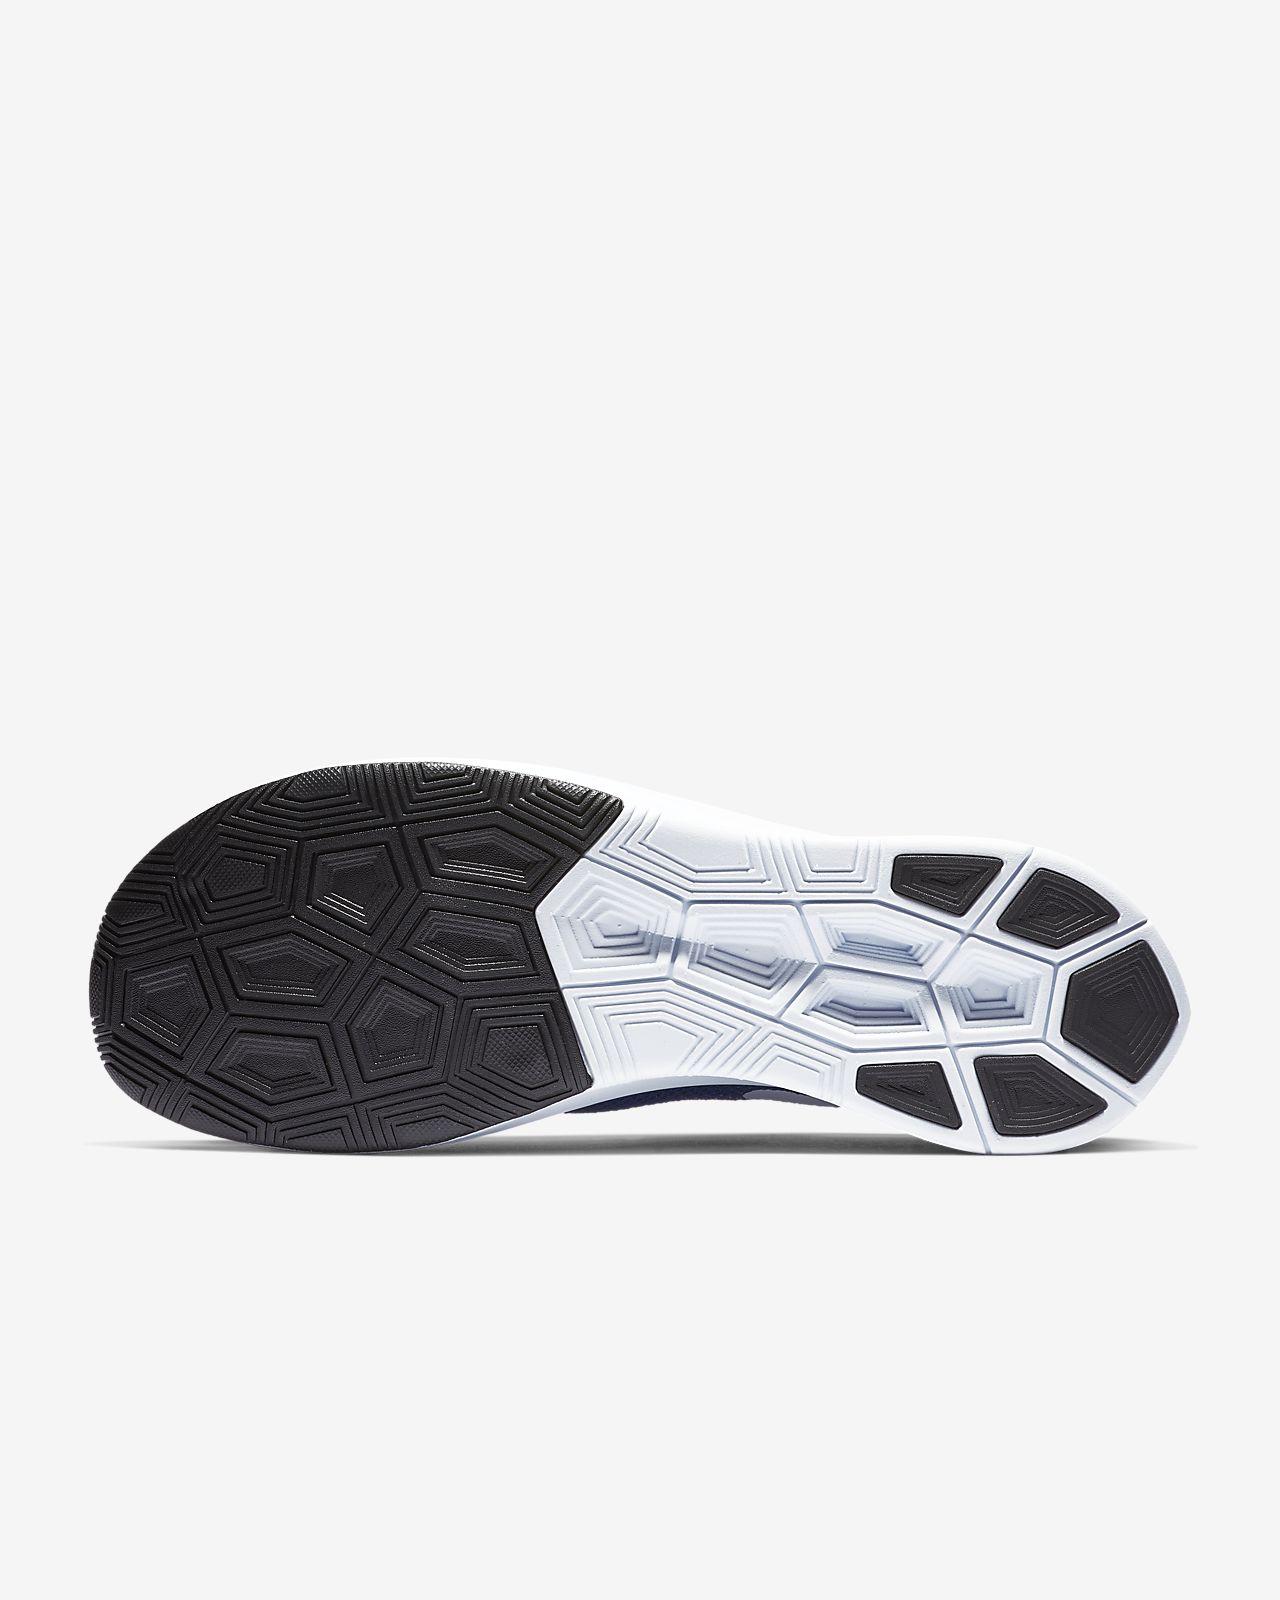 788e4e6811 Nike Zoom Fly Flyknit Men s Running Shoe. Nike.com SK